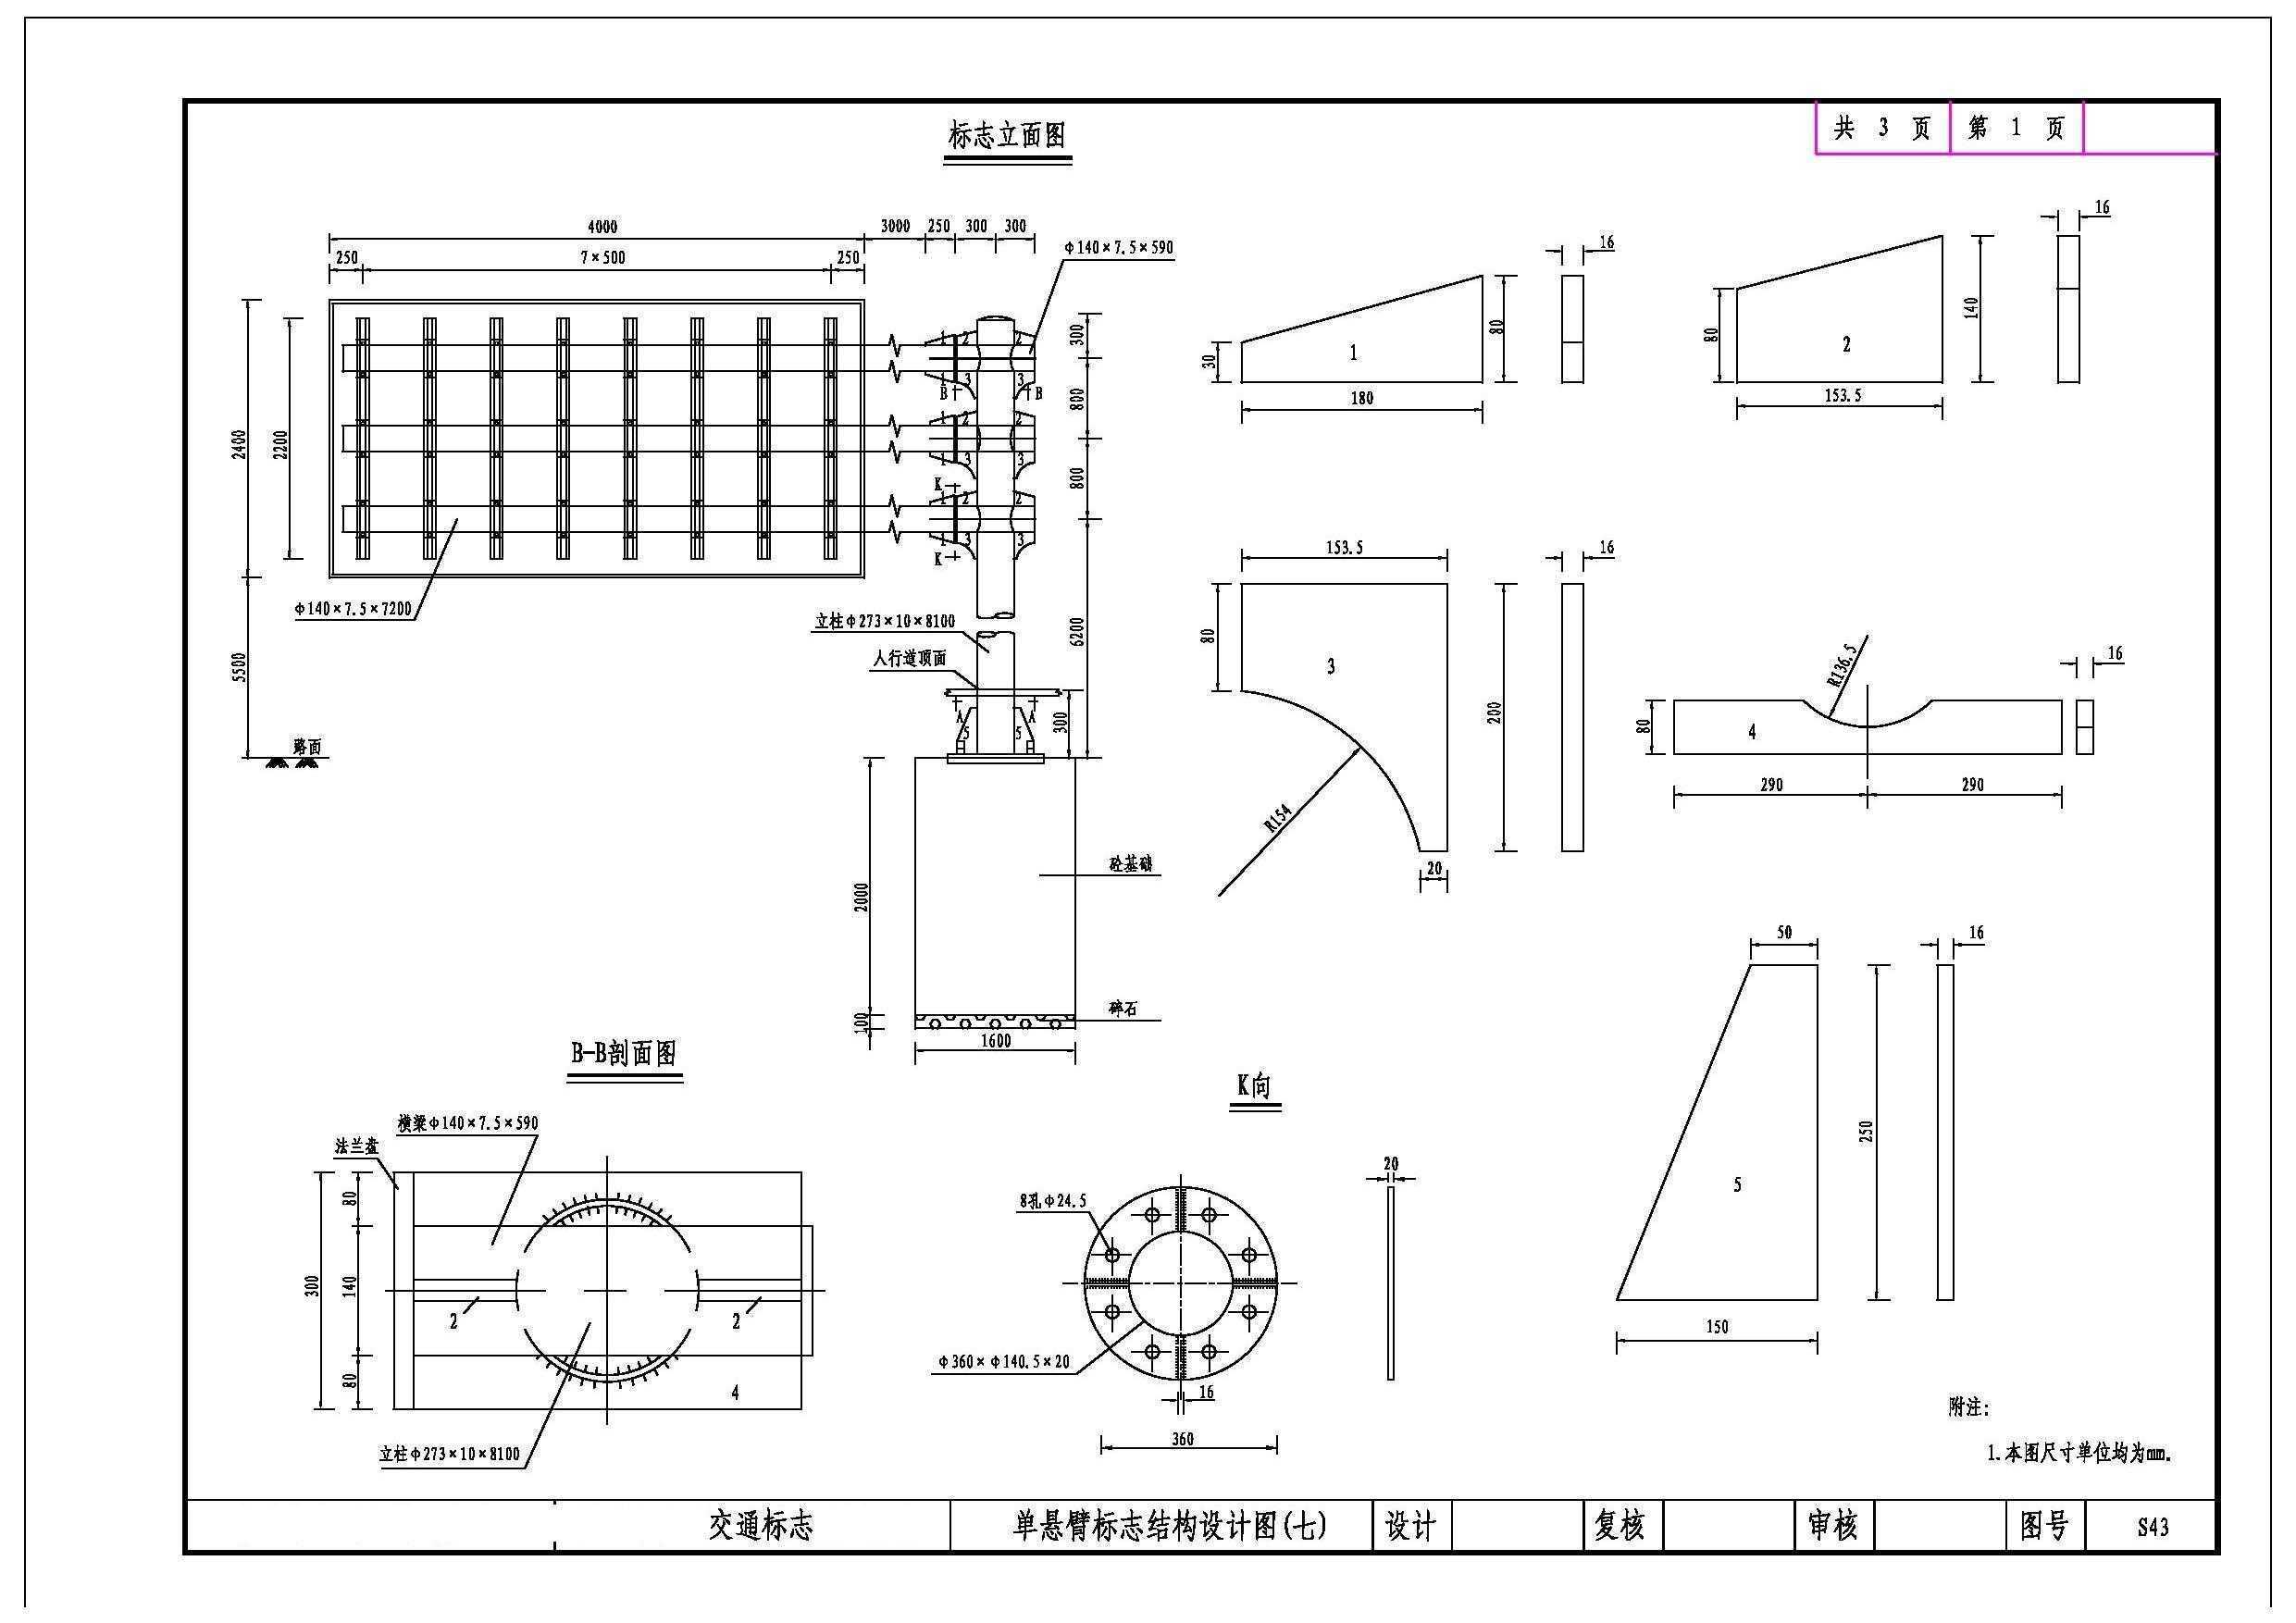 单结构标志悬臂设计图免费下载-道路桥梁我v结构的汽车儿童画图片